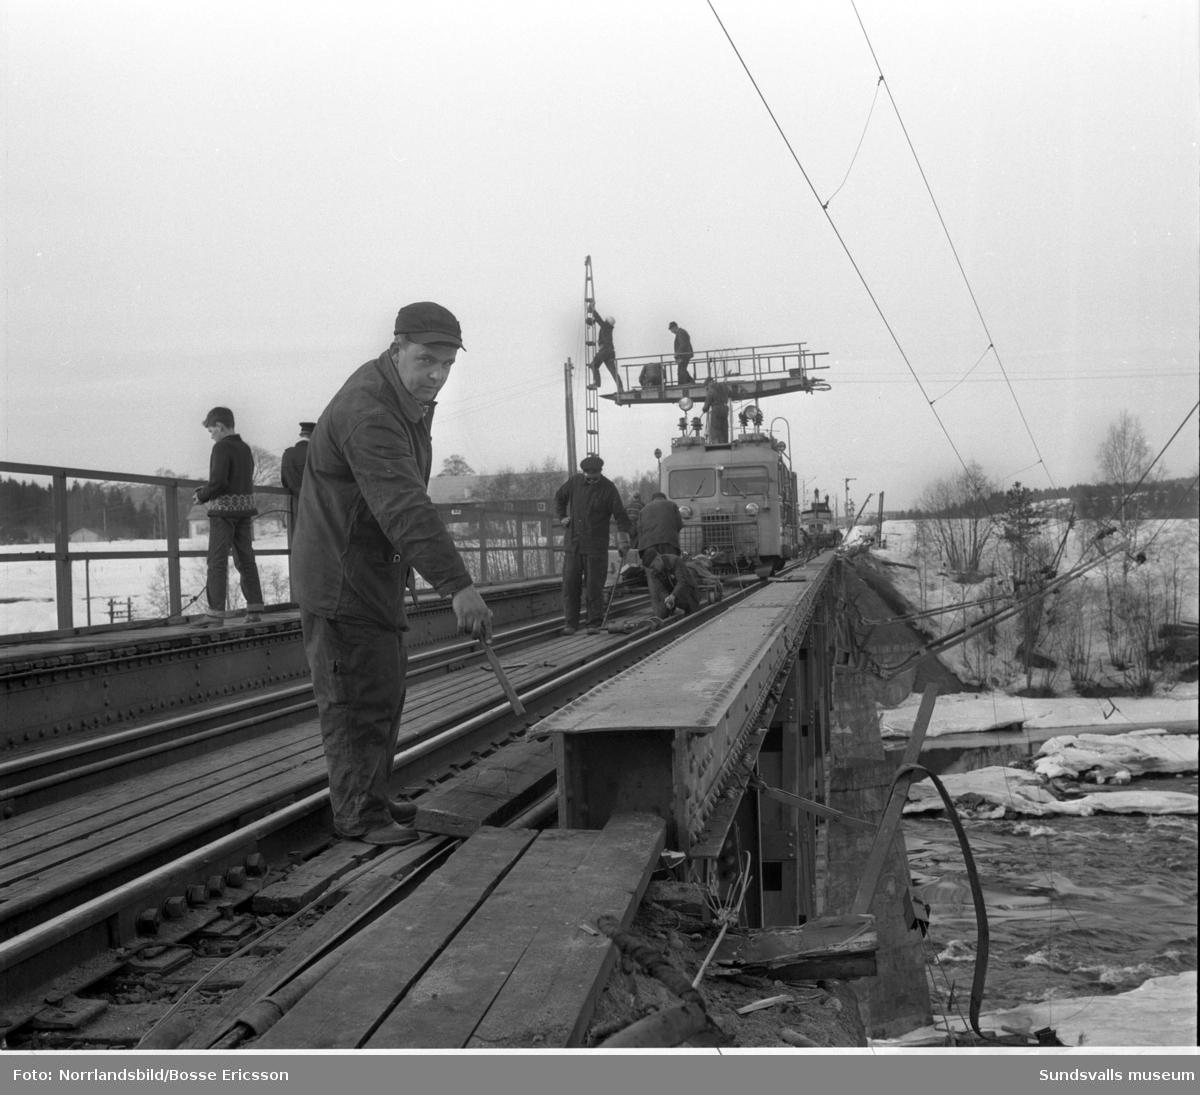 En katastrof var nära då fyra godsvagnar i nattåget från Stockholm spårade ur mitt på järnvägsbron över Ljungan vid Njurundabommen i slutet av april 1966. De 49 passagerarna väcktes vid fyratiden på morgonen och fick promenera tillbaka över bron till Njurunda station varifrån de bussades vidare till Sundsvall. Inga personskador men däremot stora materiella skador blev olyckans eftermäle.